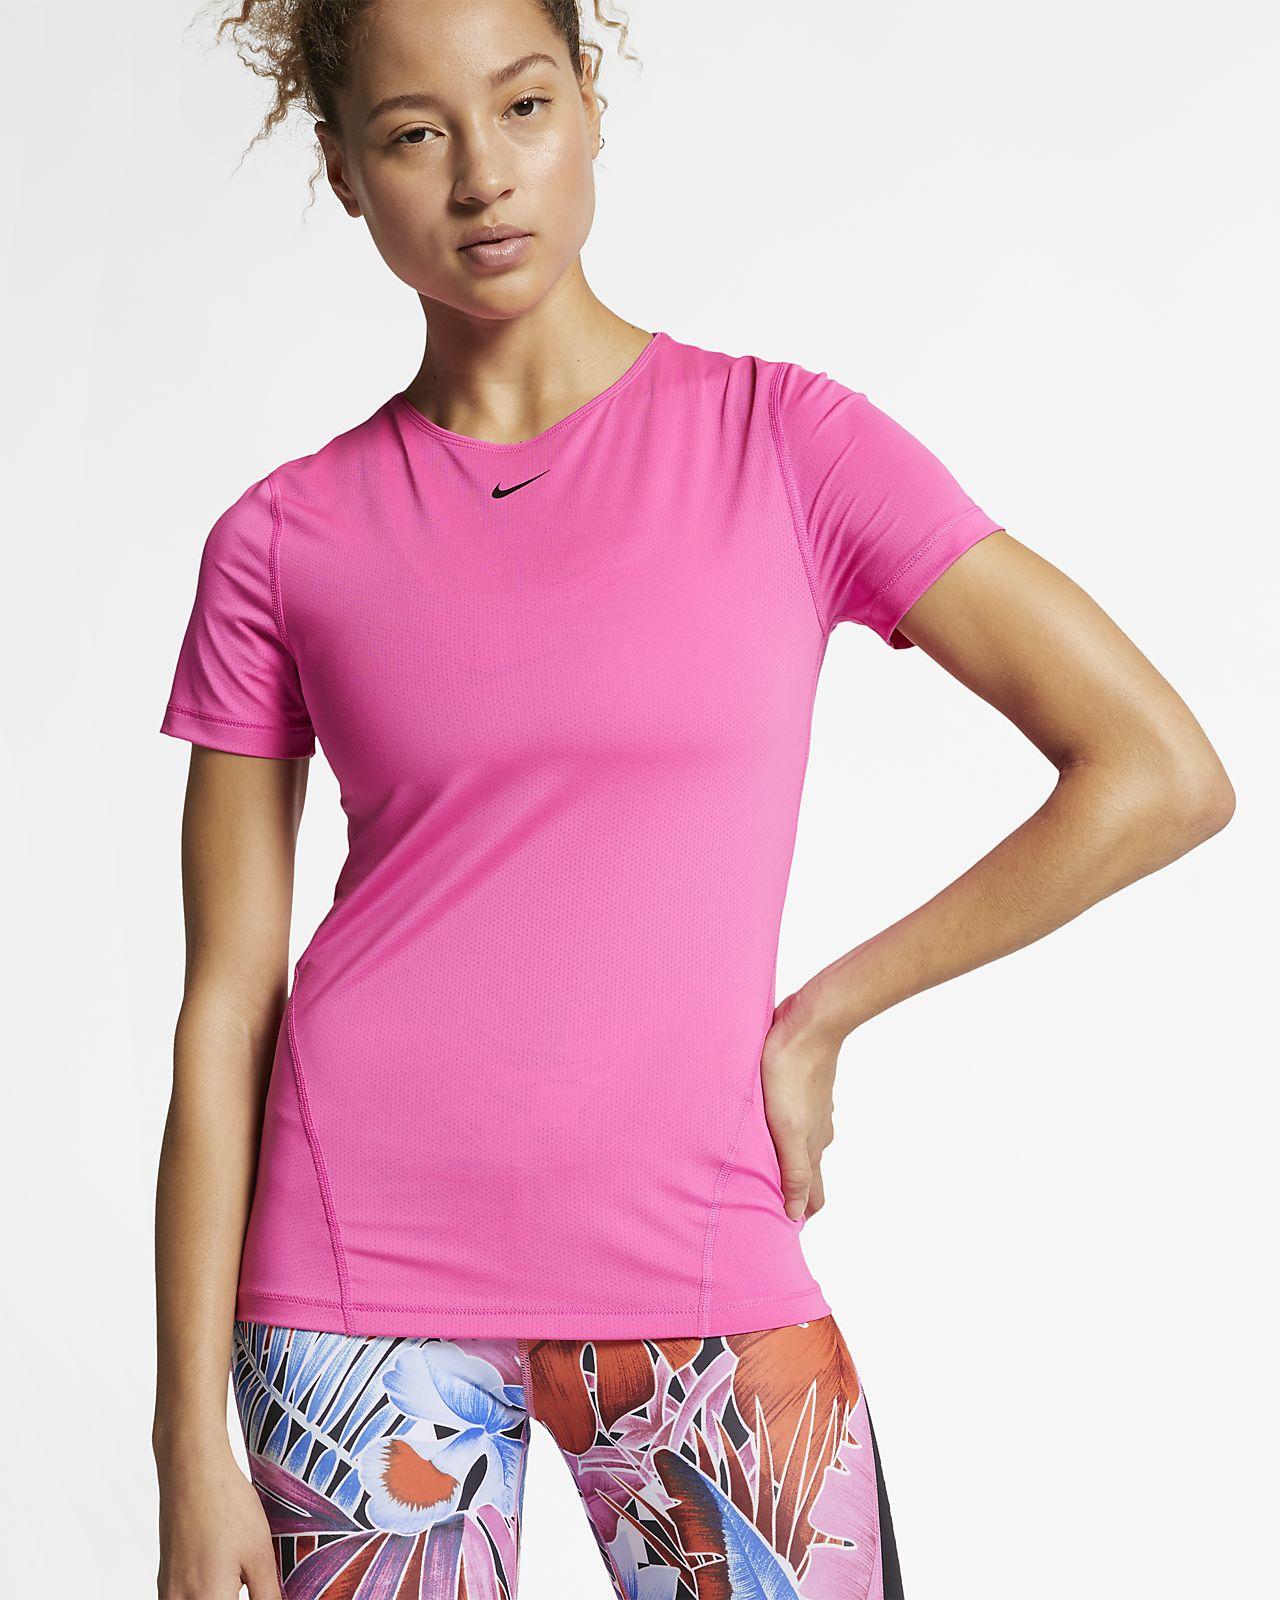 Женская футболка из сетчатого материала с коротким рукавом для тренинга Nike Pro